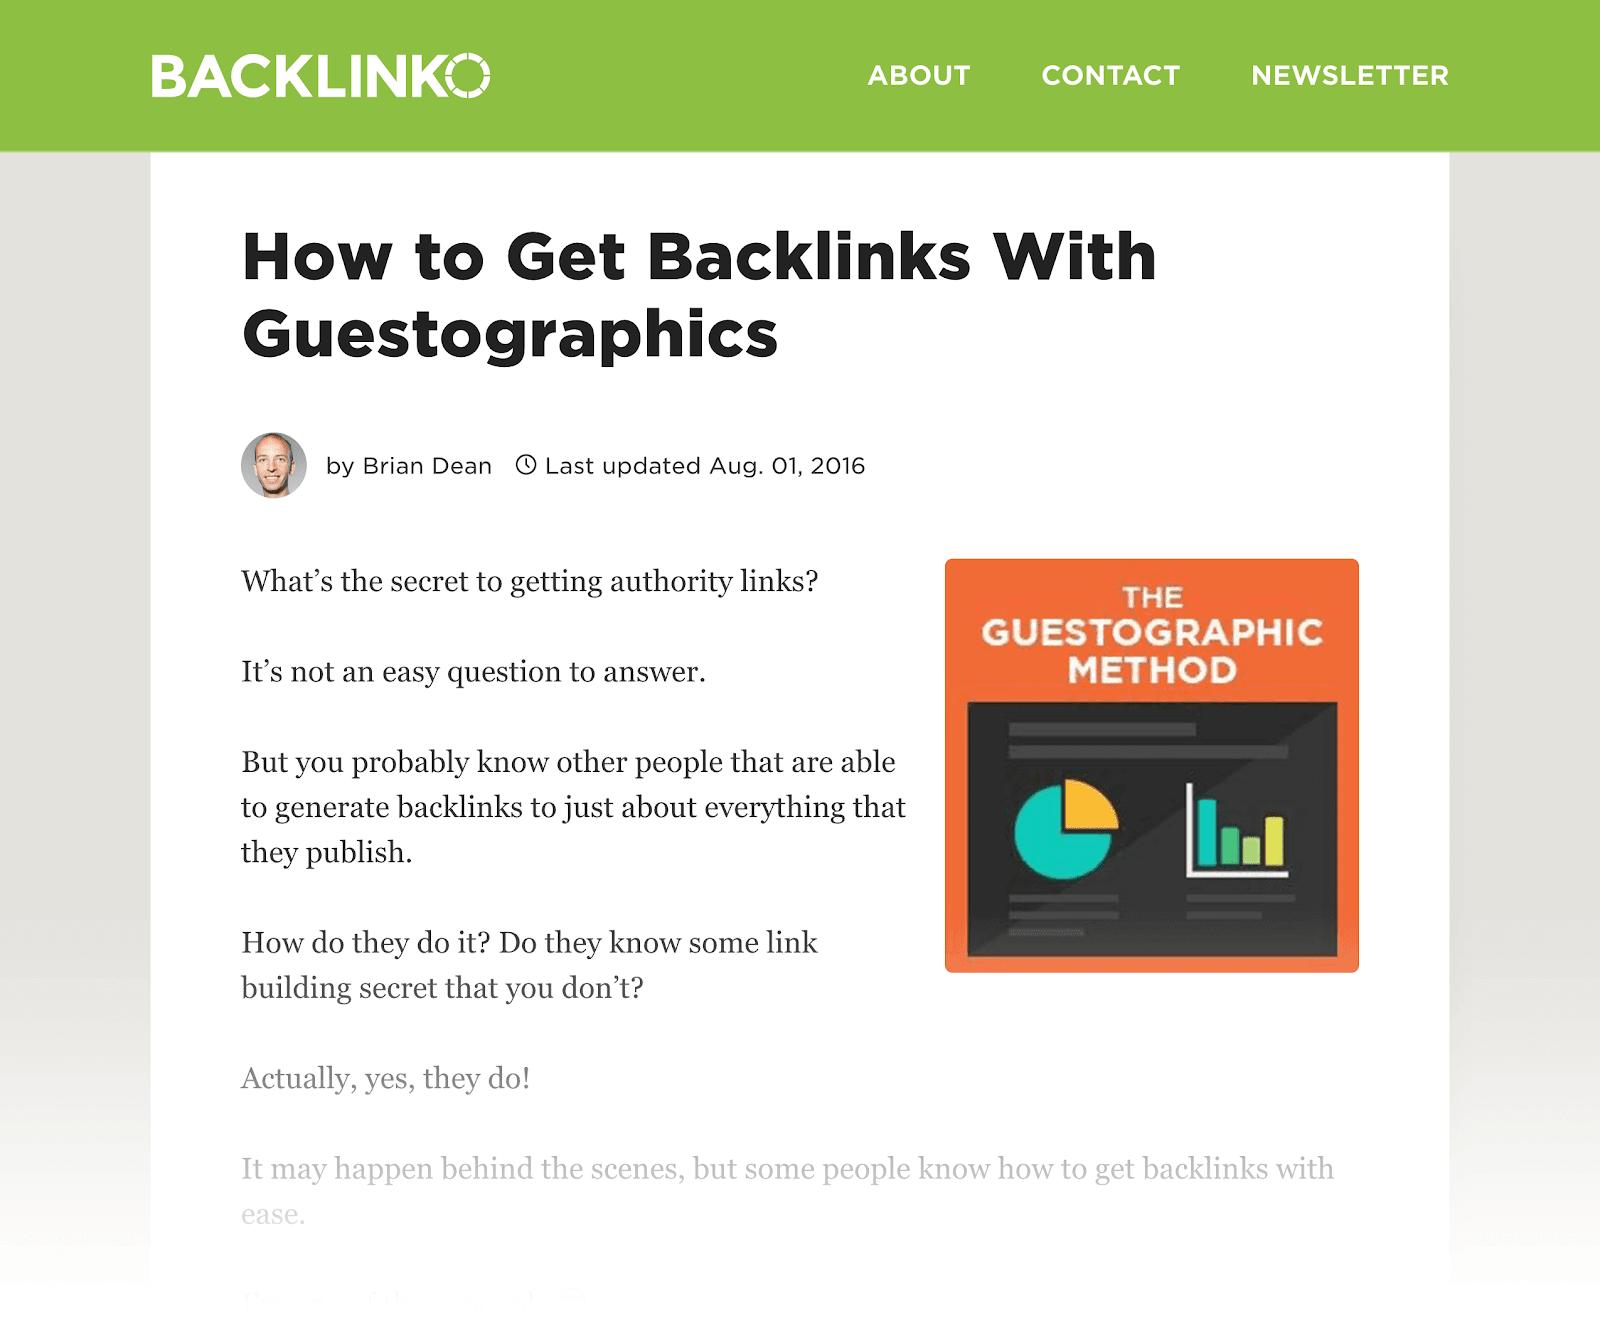 Làm thế nào để có được Backlinks với Guestographics